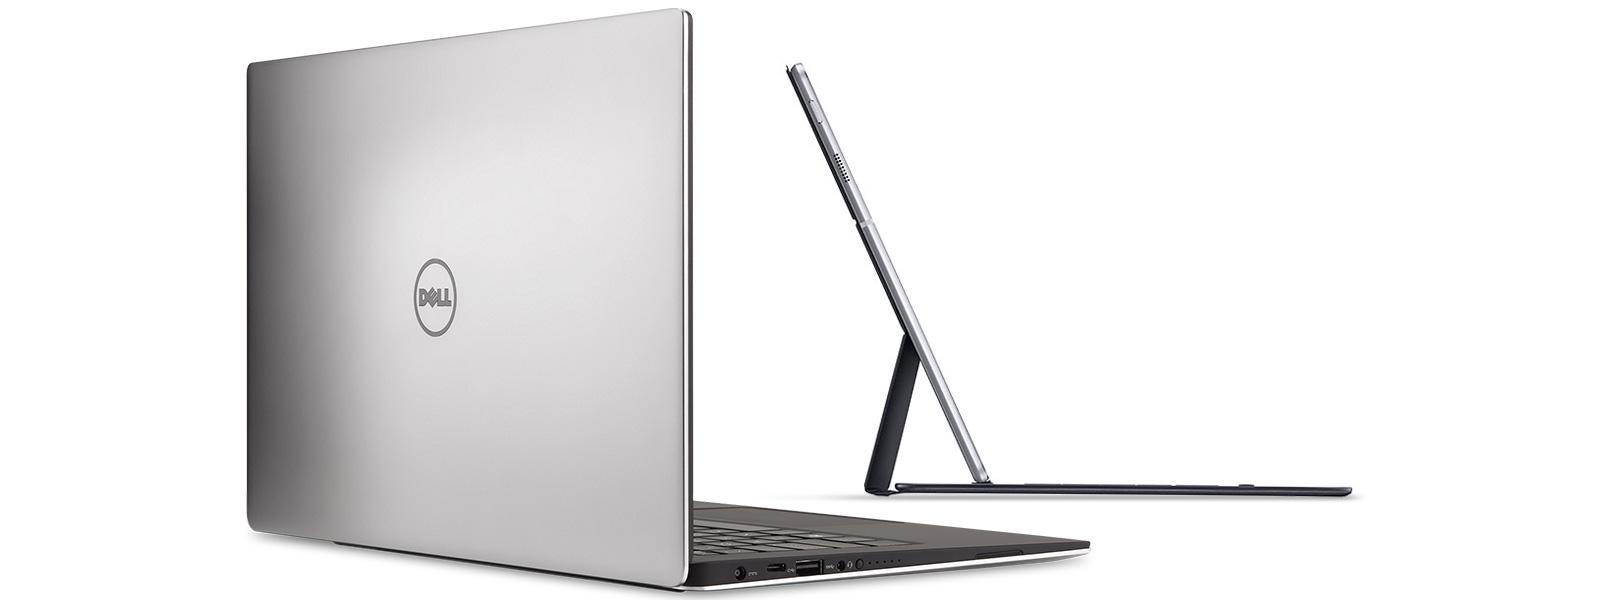 Máy tính xách tay Dell chạy Windows 10